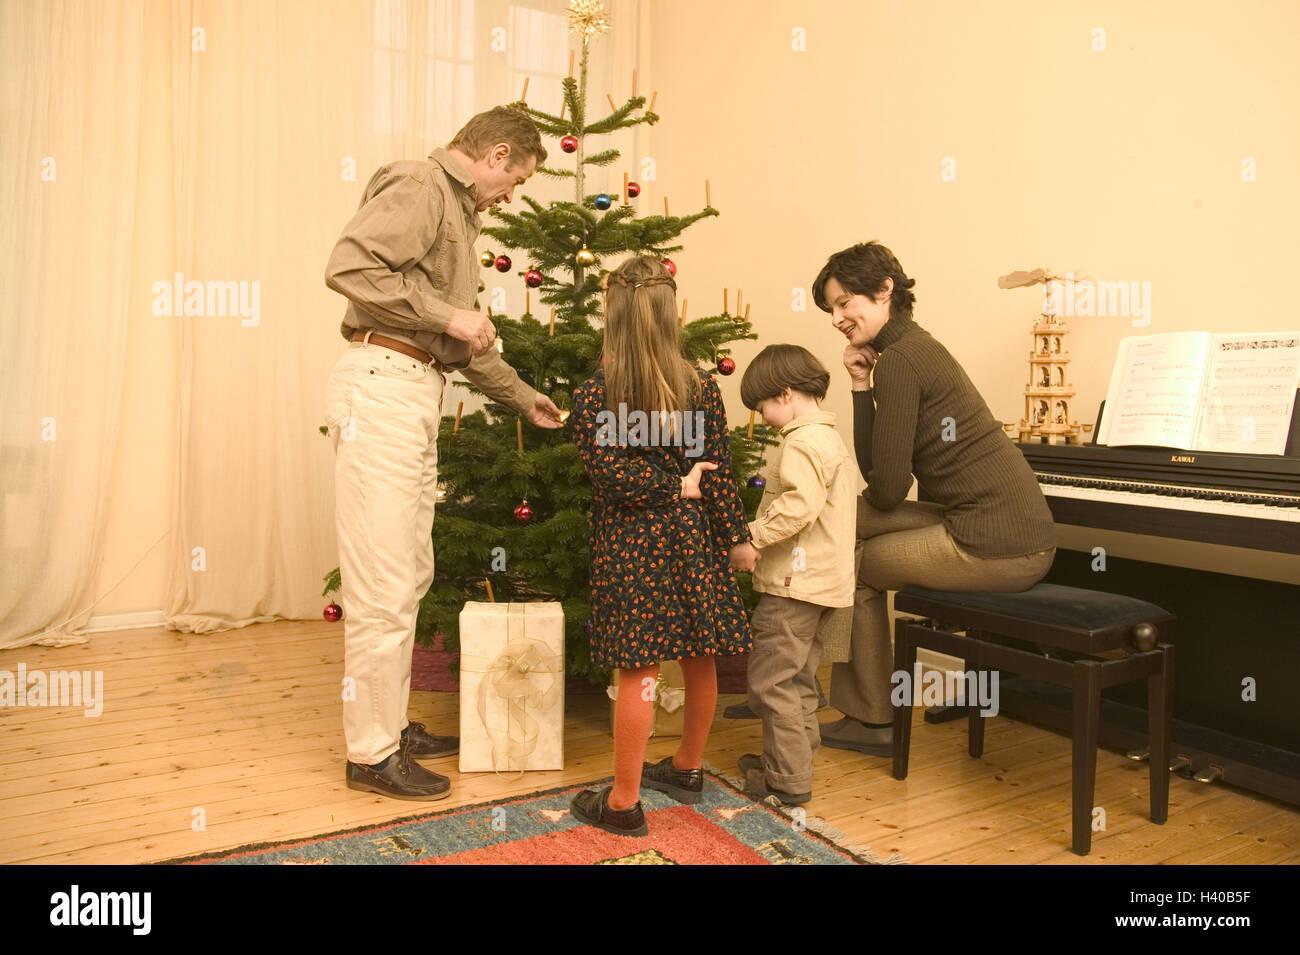 Weihnachten, Aufenthaltsräume, Weihnachtsbaum, Familie, Vertrieb ...